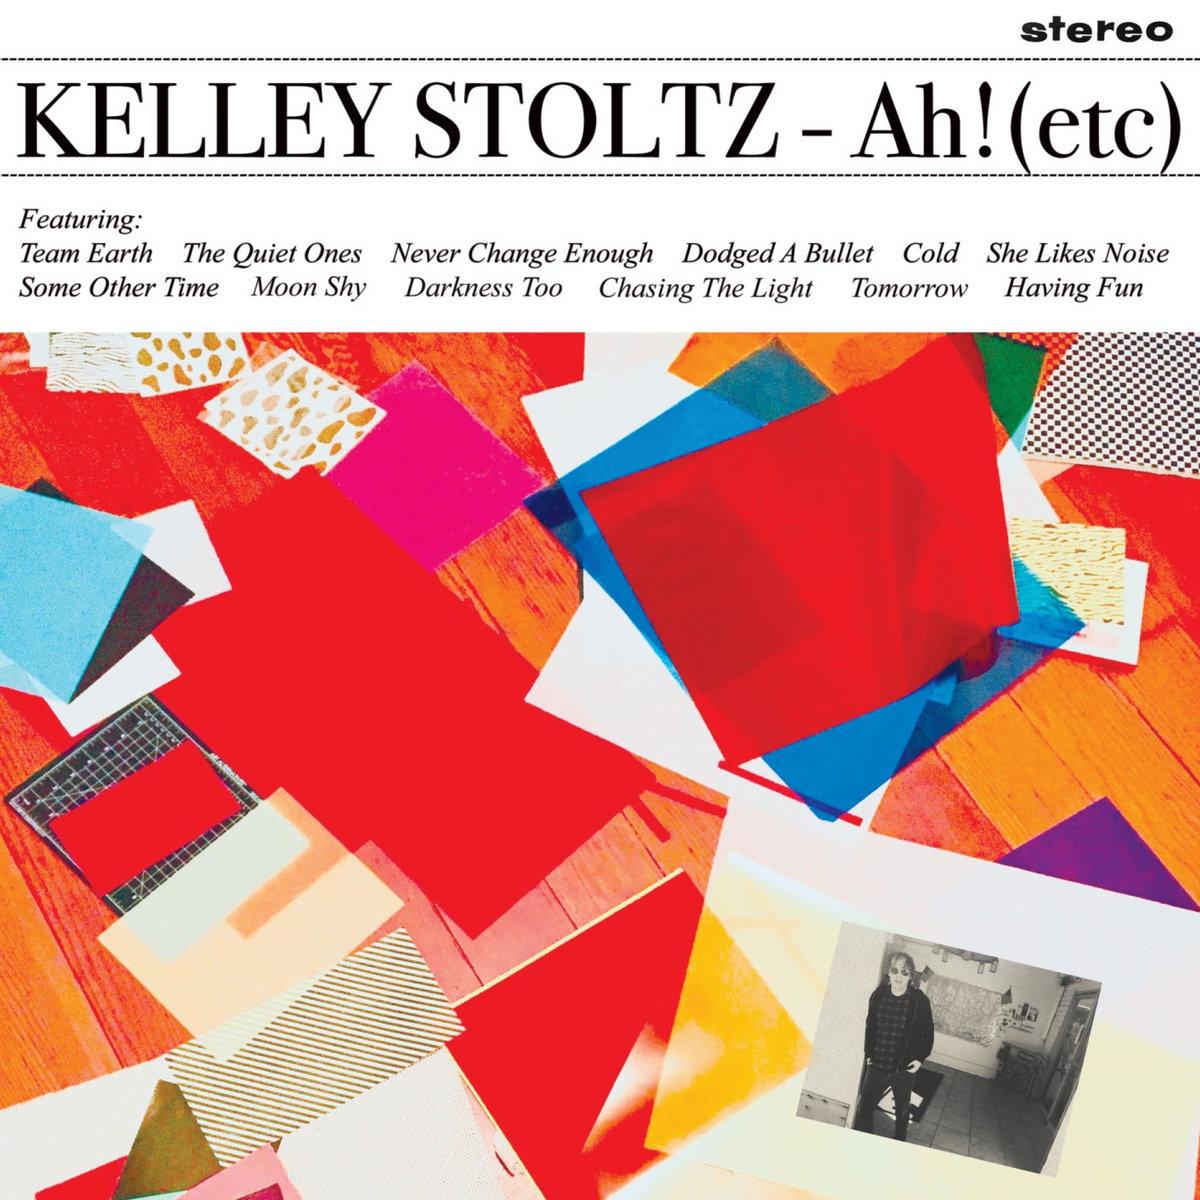 Kelley Stoltz - Ah! (etc)